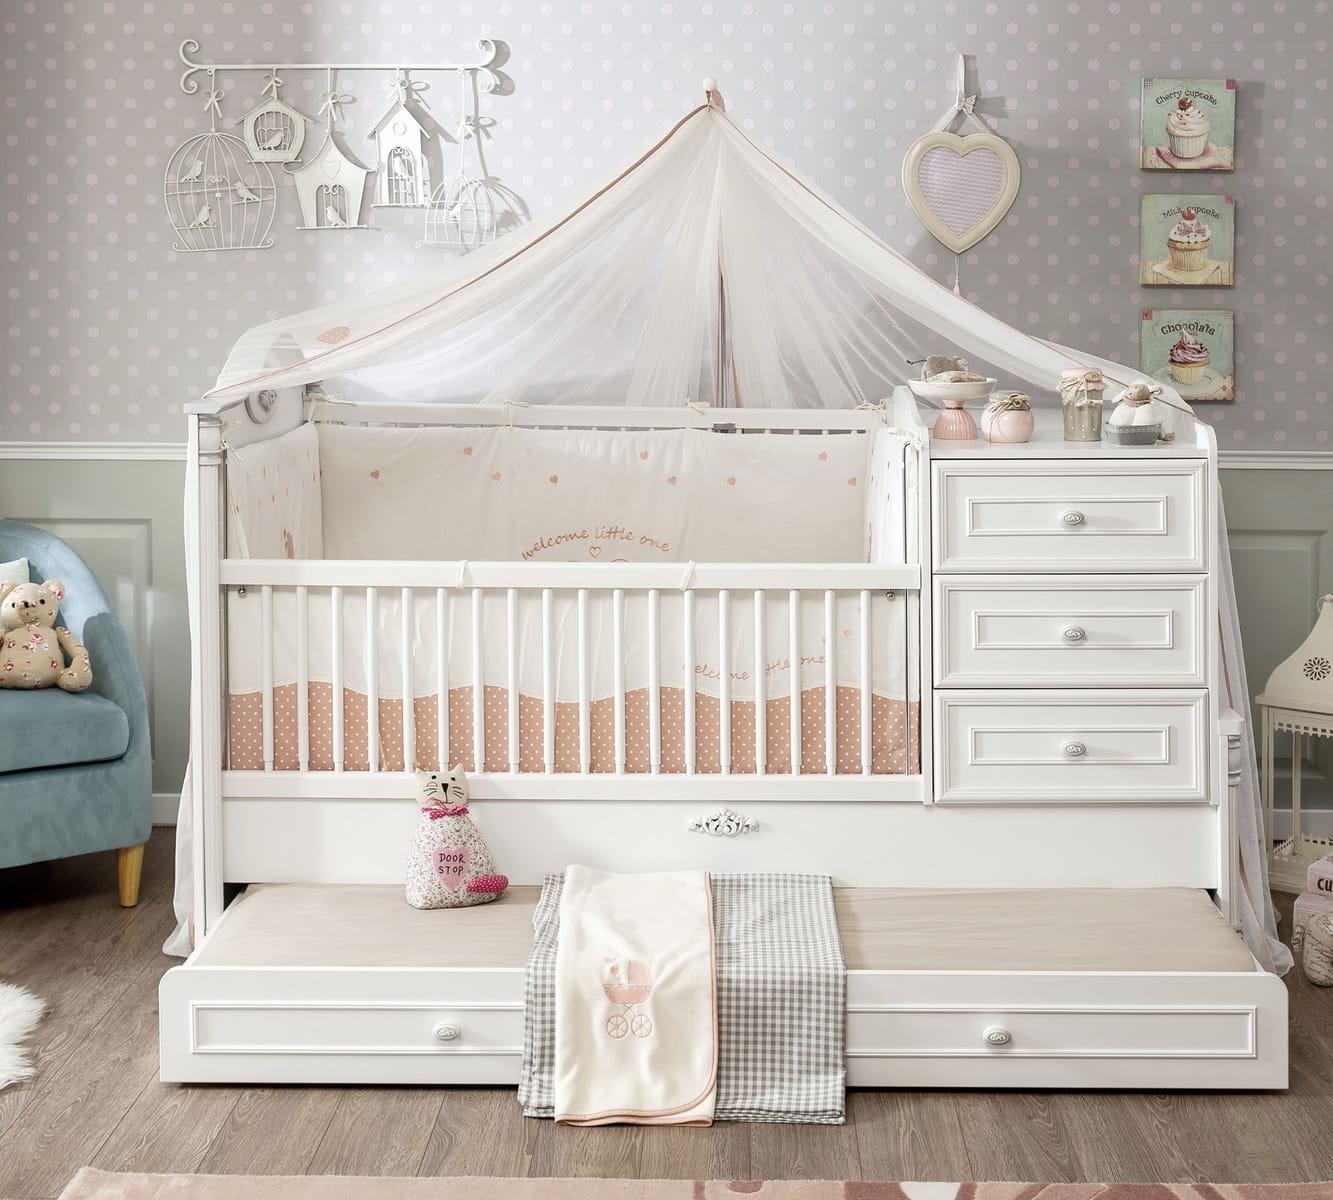 eczko dla niemowlaka z komod 163 x 83 eczko romantic meble systemowe tanie meble kuchenne. Black Bedroom Furniture Sets. Home Design Ideas